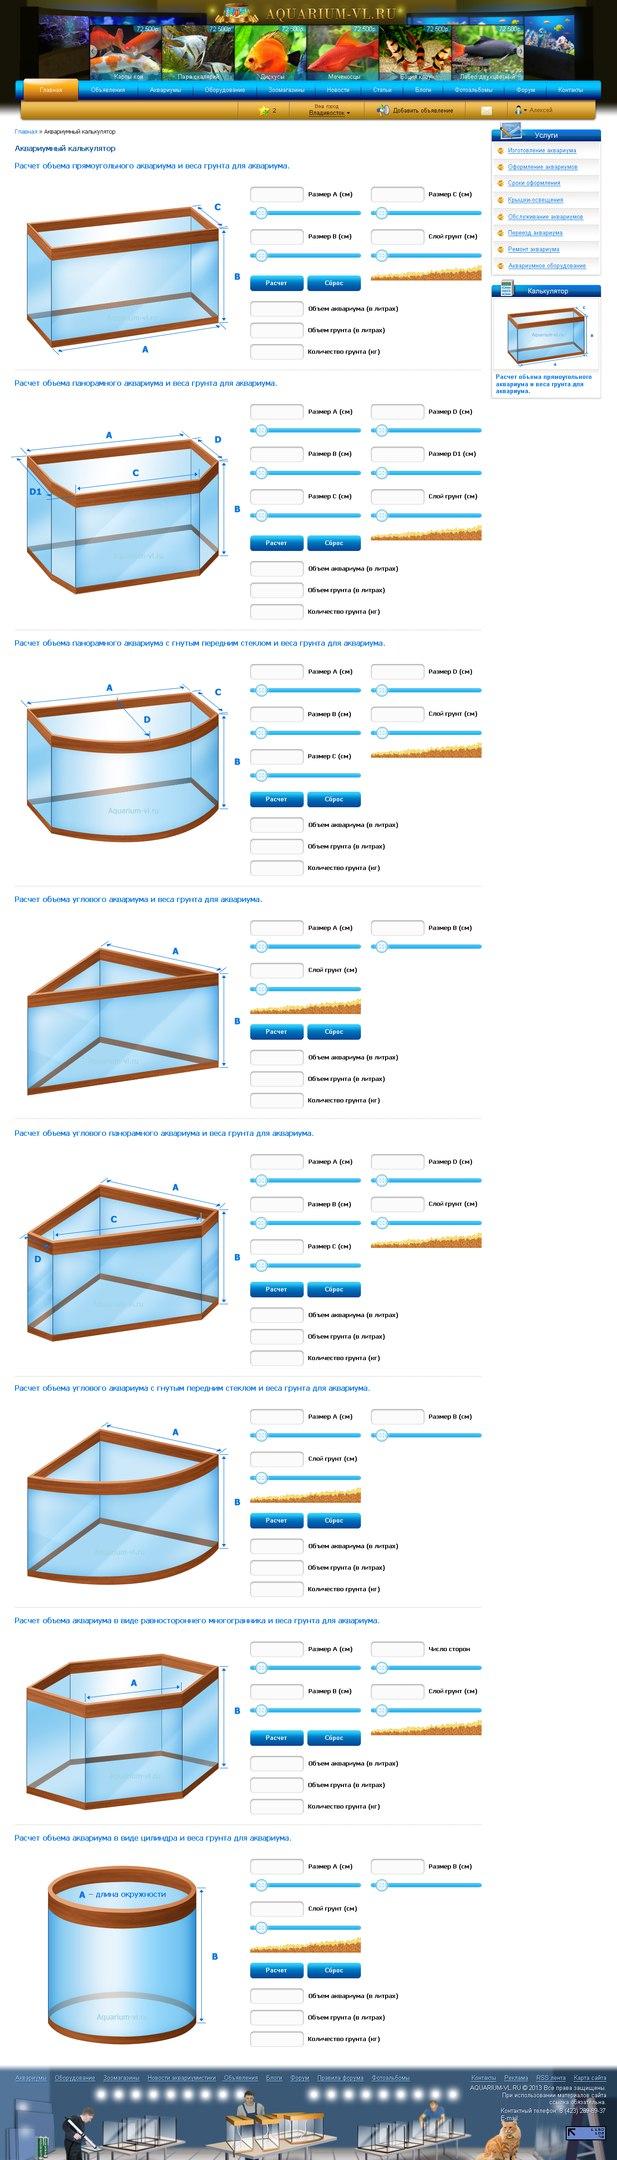 Иллюстрация аквариумов и калькулятора